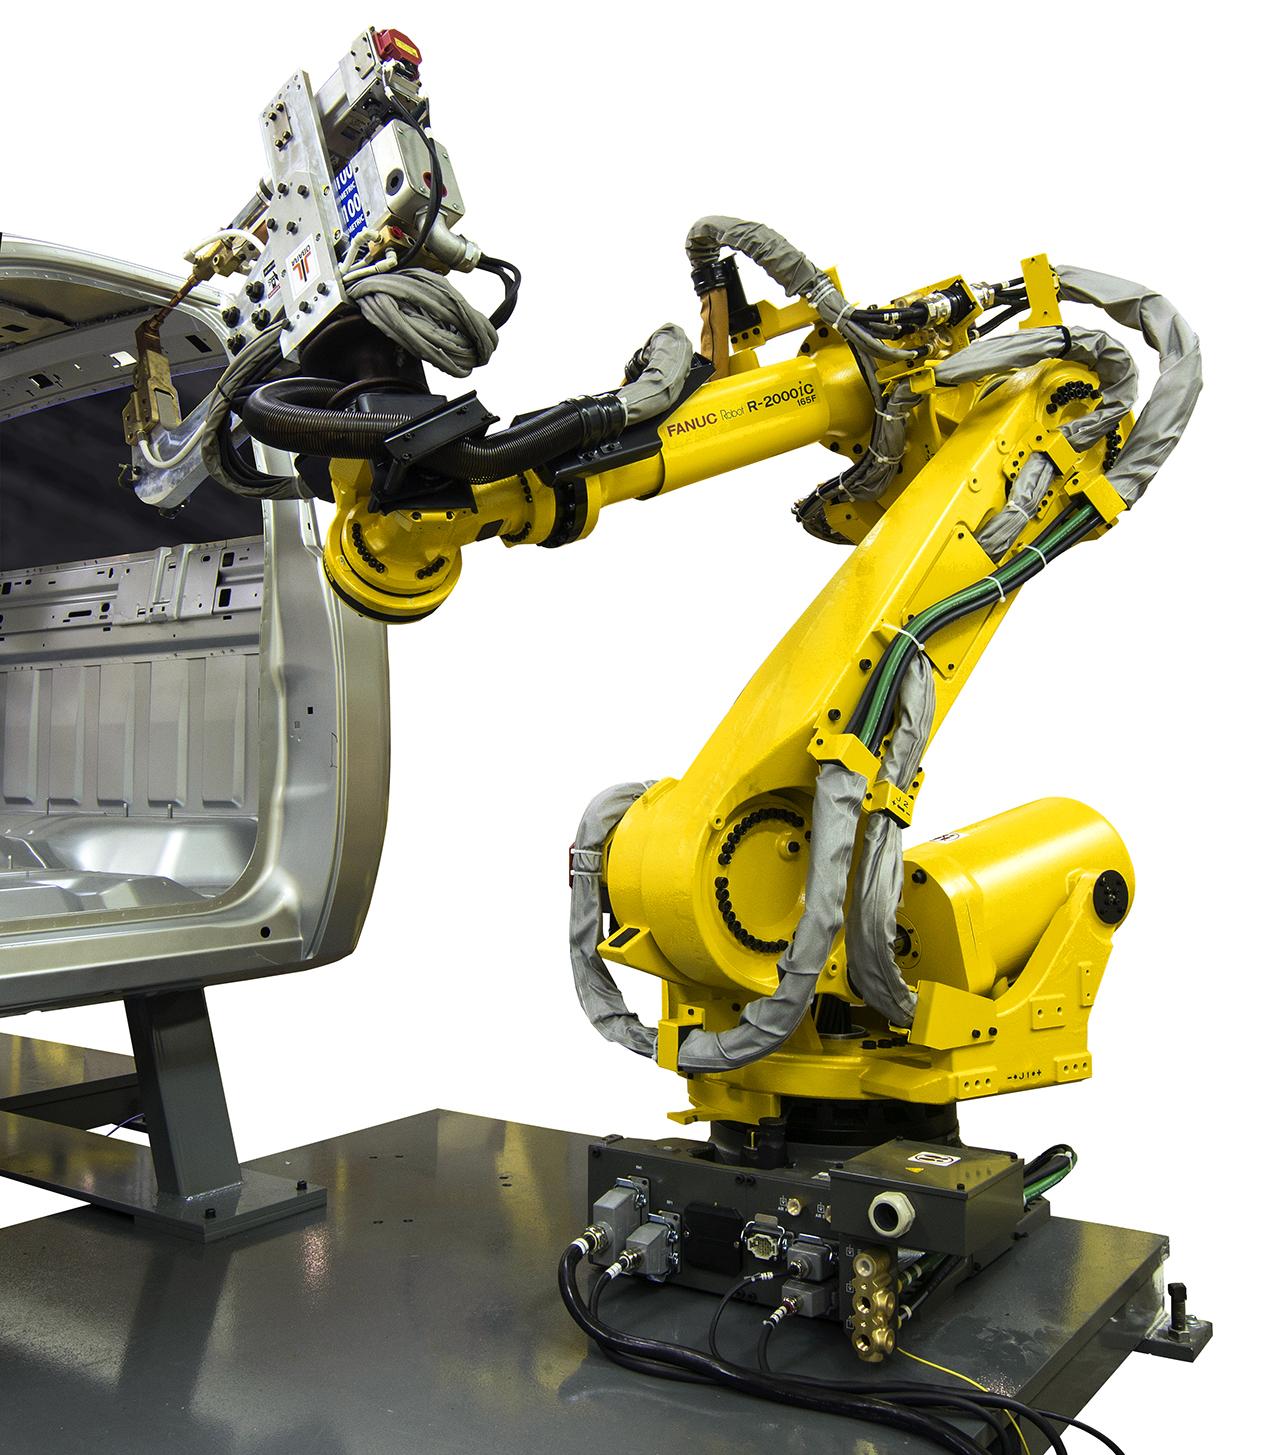 A Fanuc R-2000iC robot spot-welding the body of a truck.